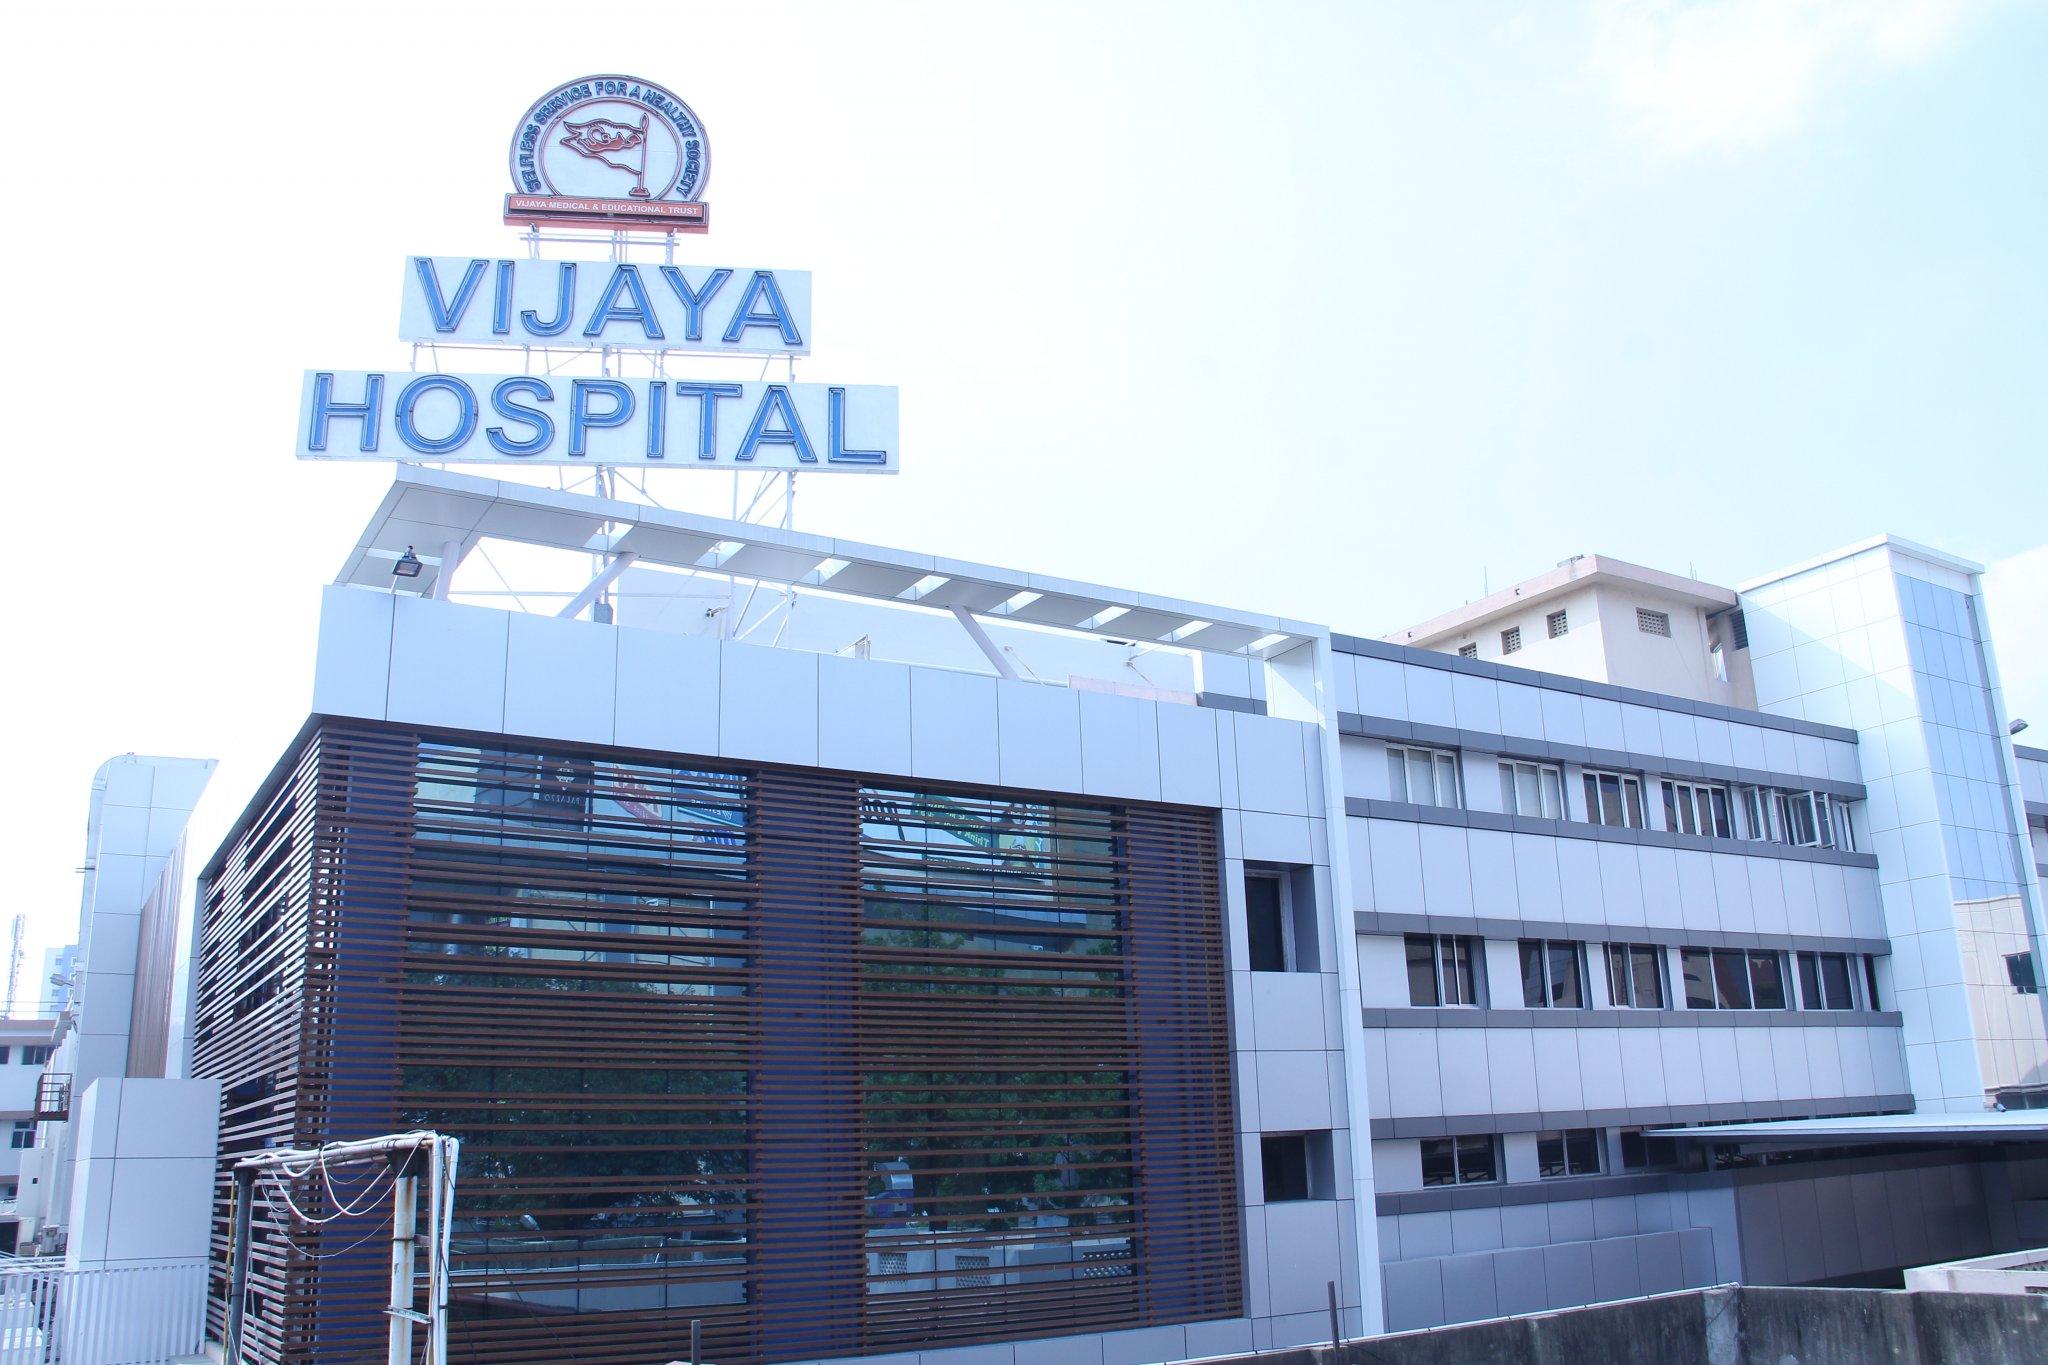 http://vijayahospital.org/